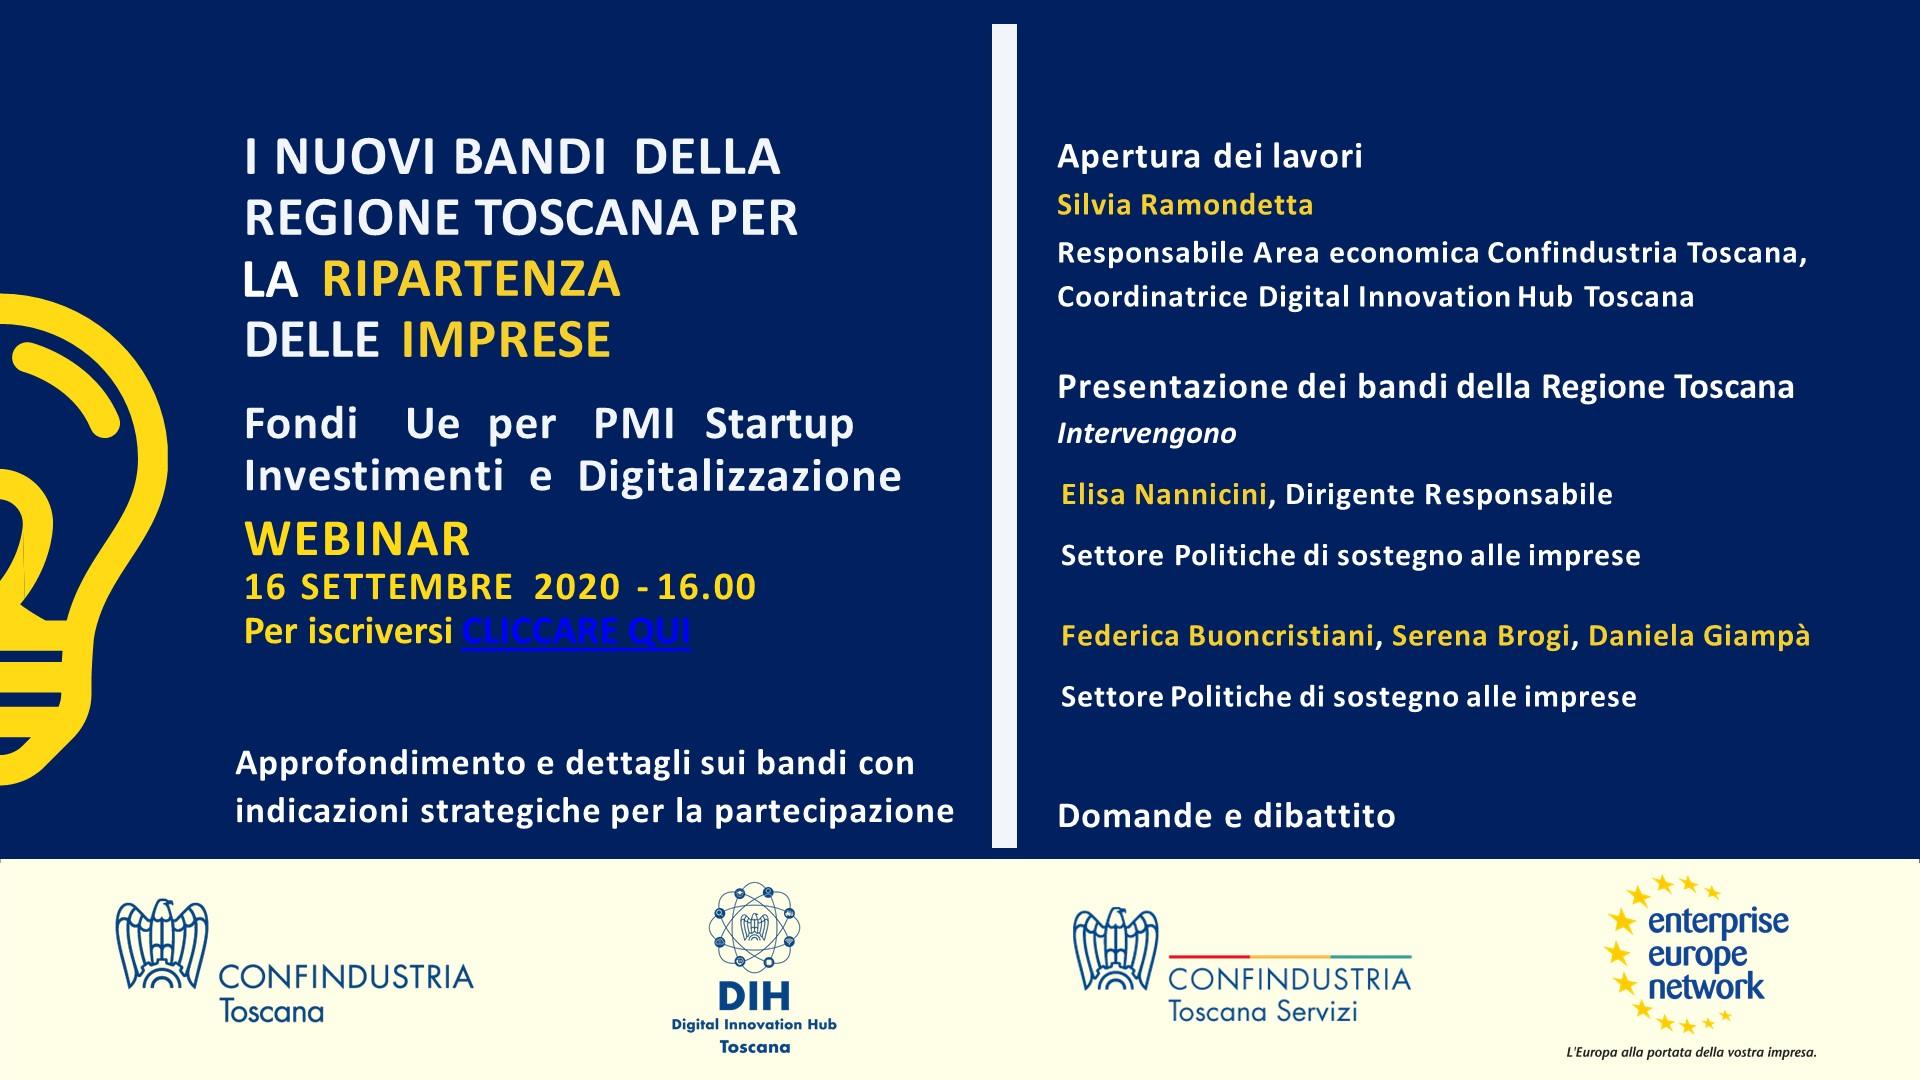 I nuovi bandi della Regione Toscana per la ripartenza delle imprese